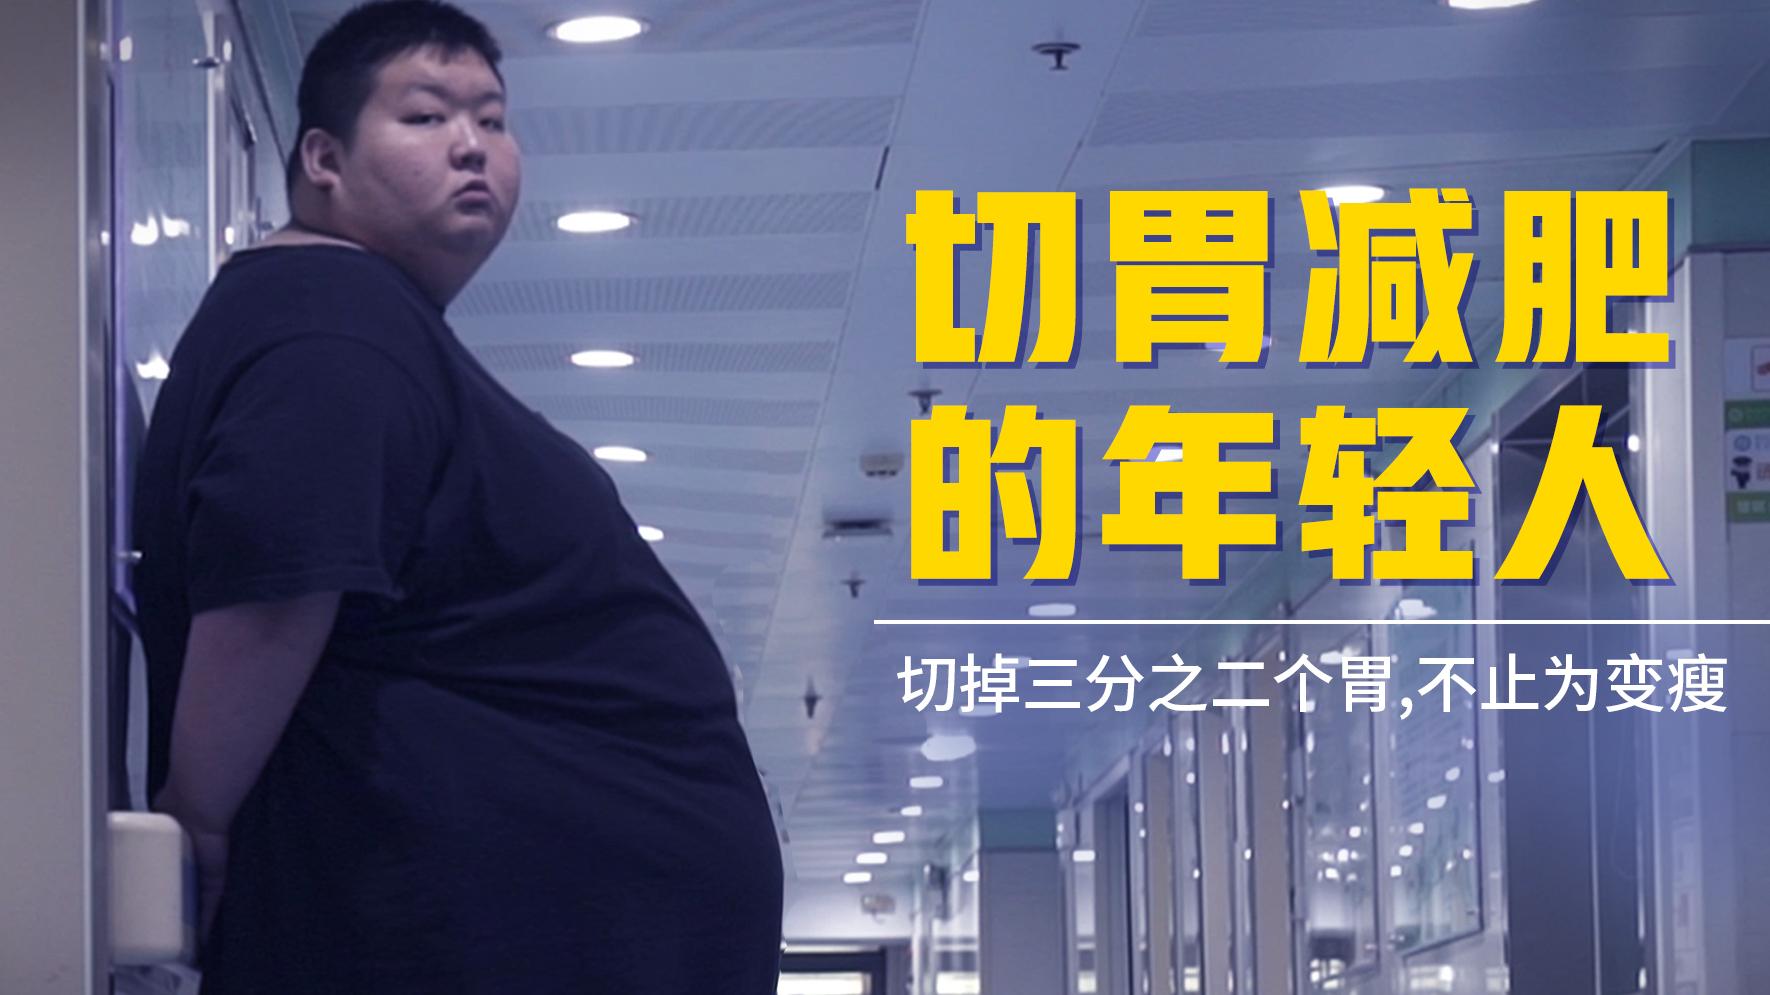 切胃减肥的年轻人:95后男孩体重500斤